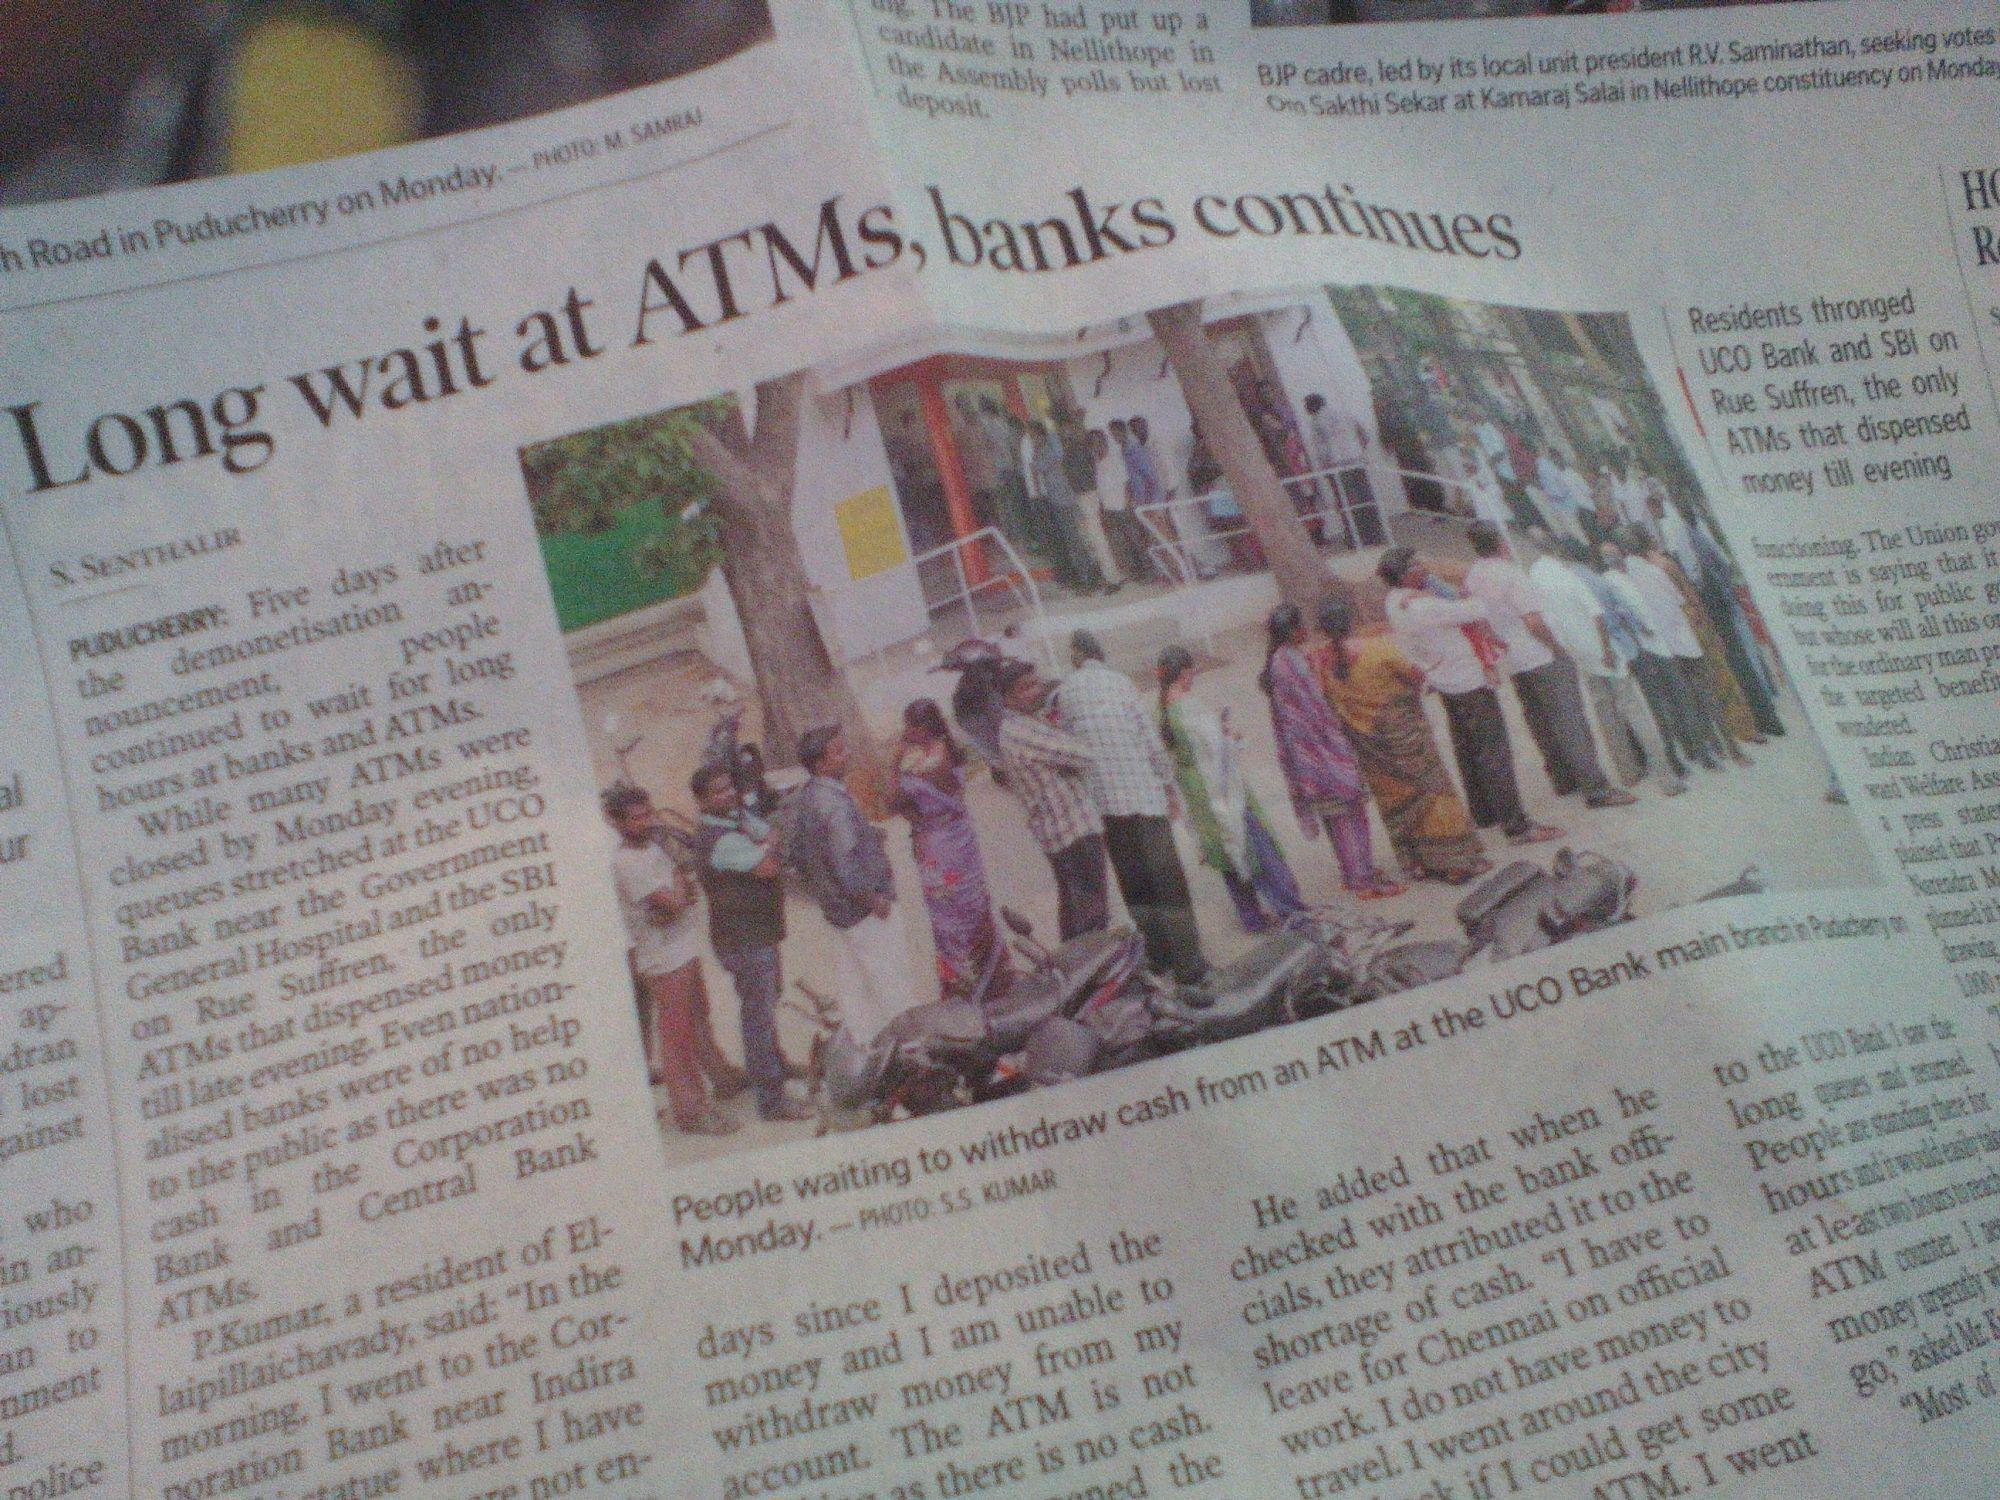 demonetisation article journal inde